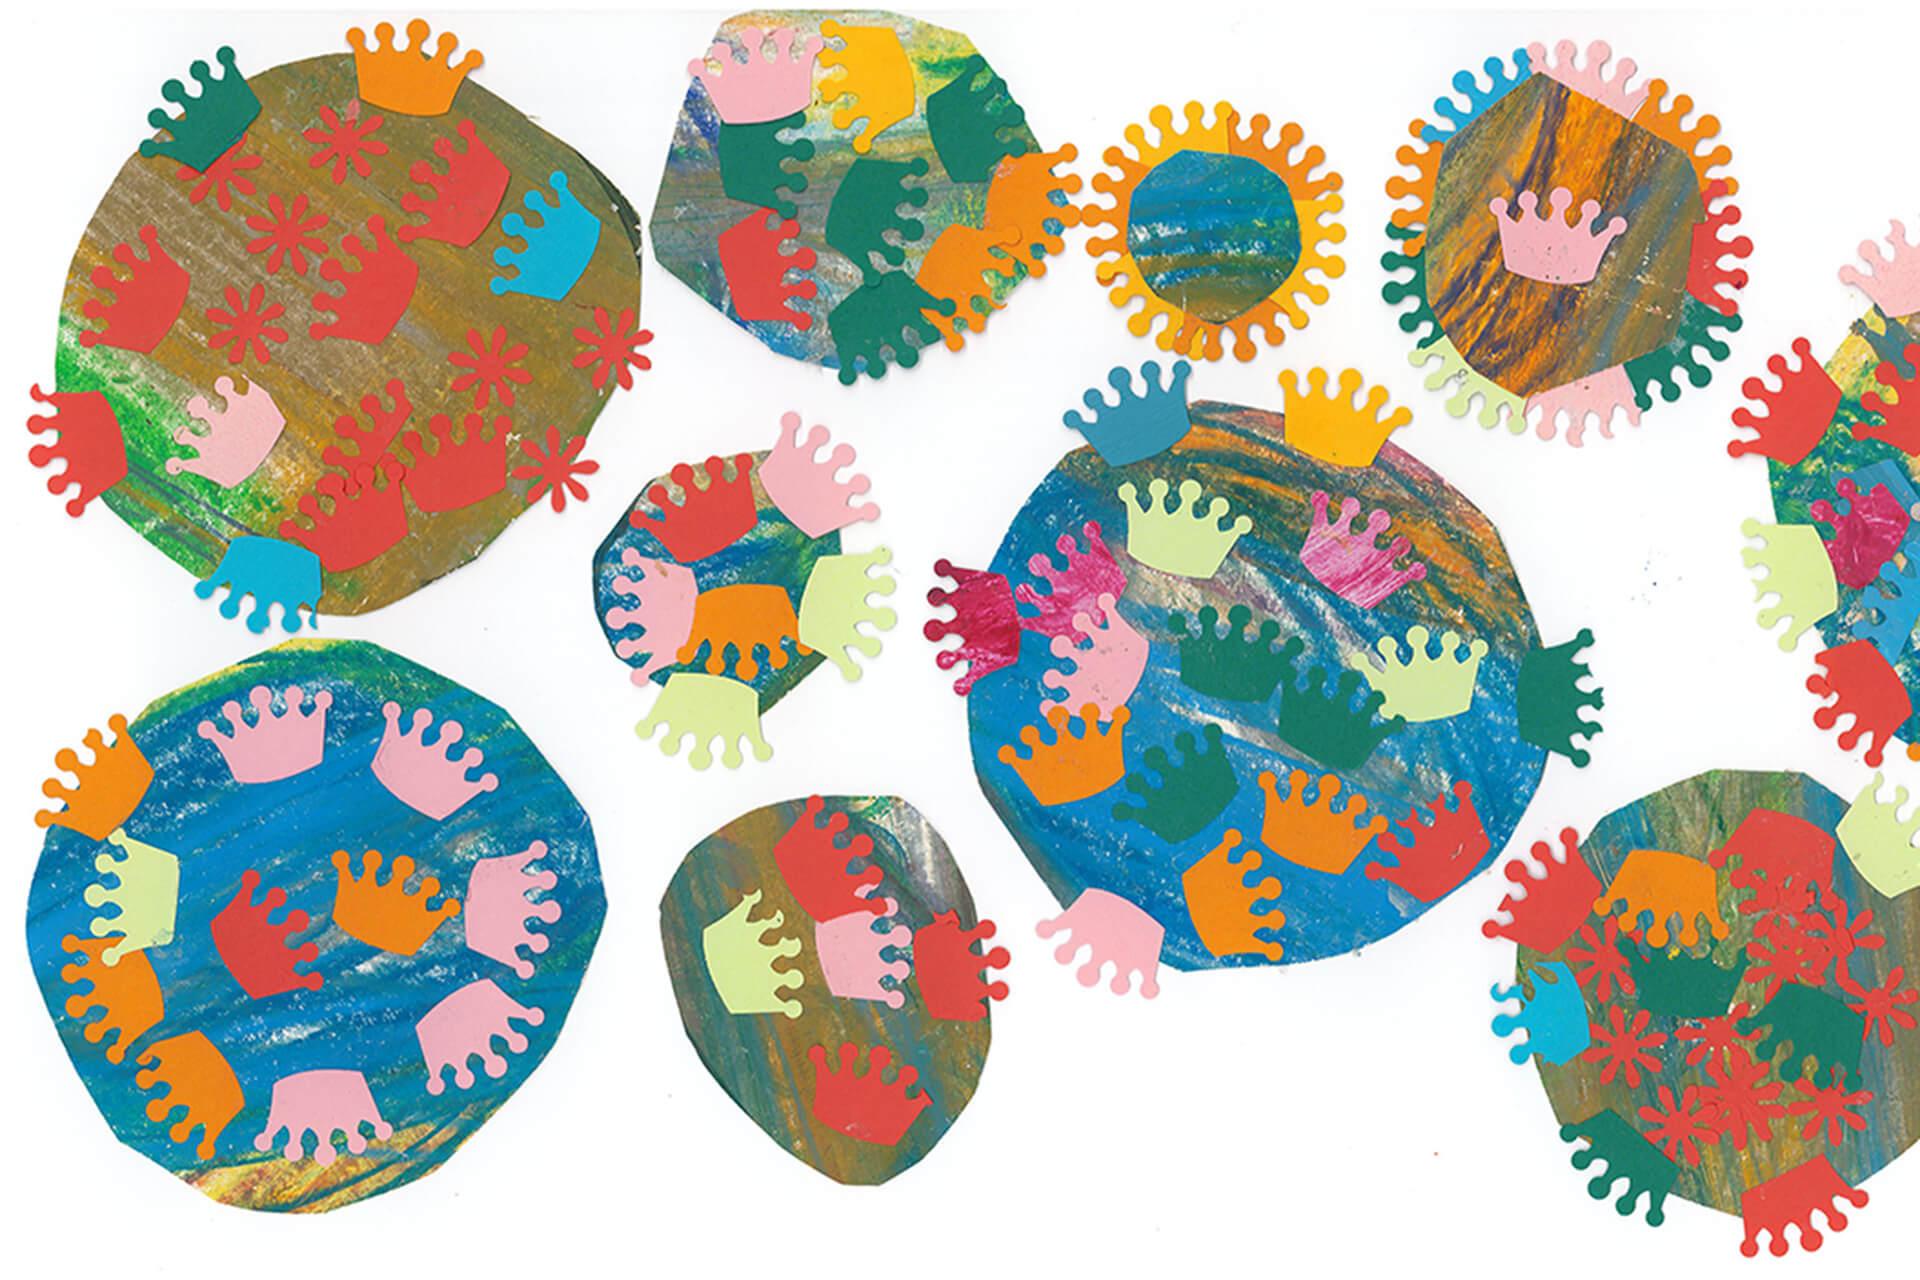 Krönchen aus Pappe gestanzt werden zweckentfremdet und als die Spike-Proteine des Virus an bunte Kreise geklebt.